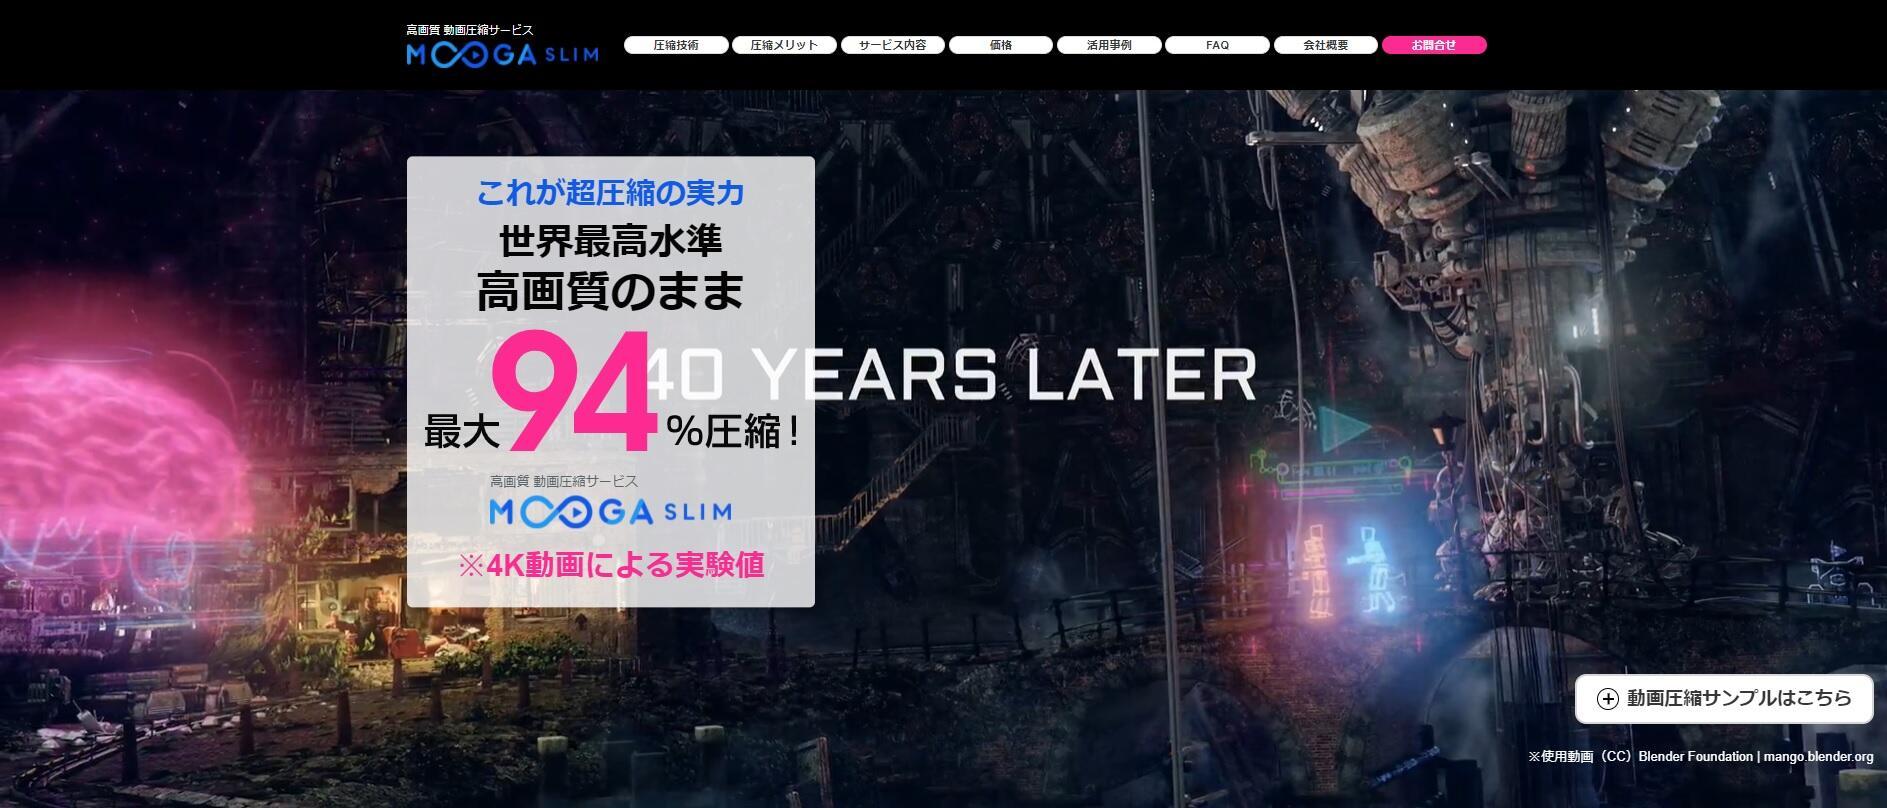 4K動画サムネール2.jpg